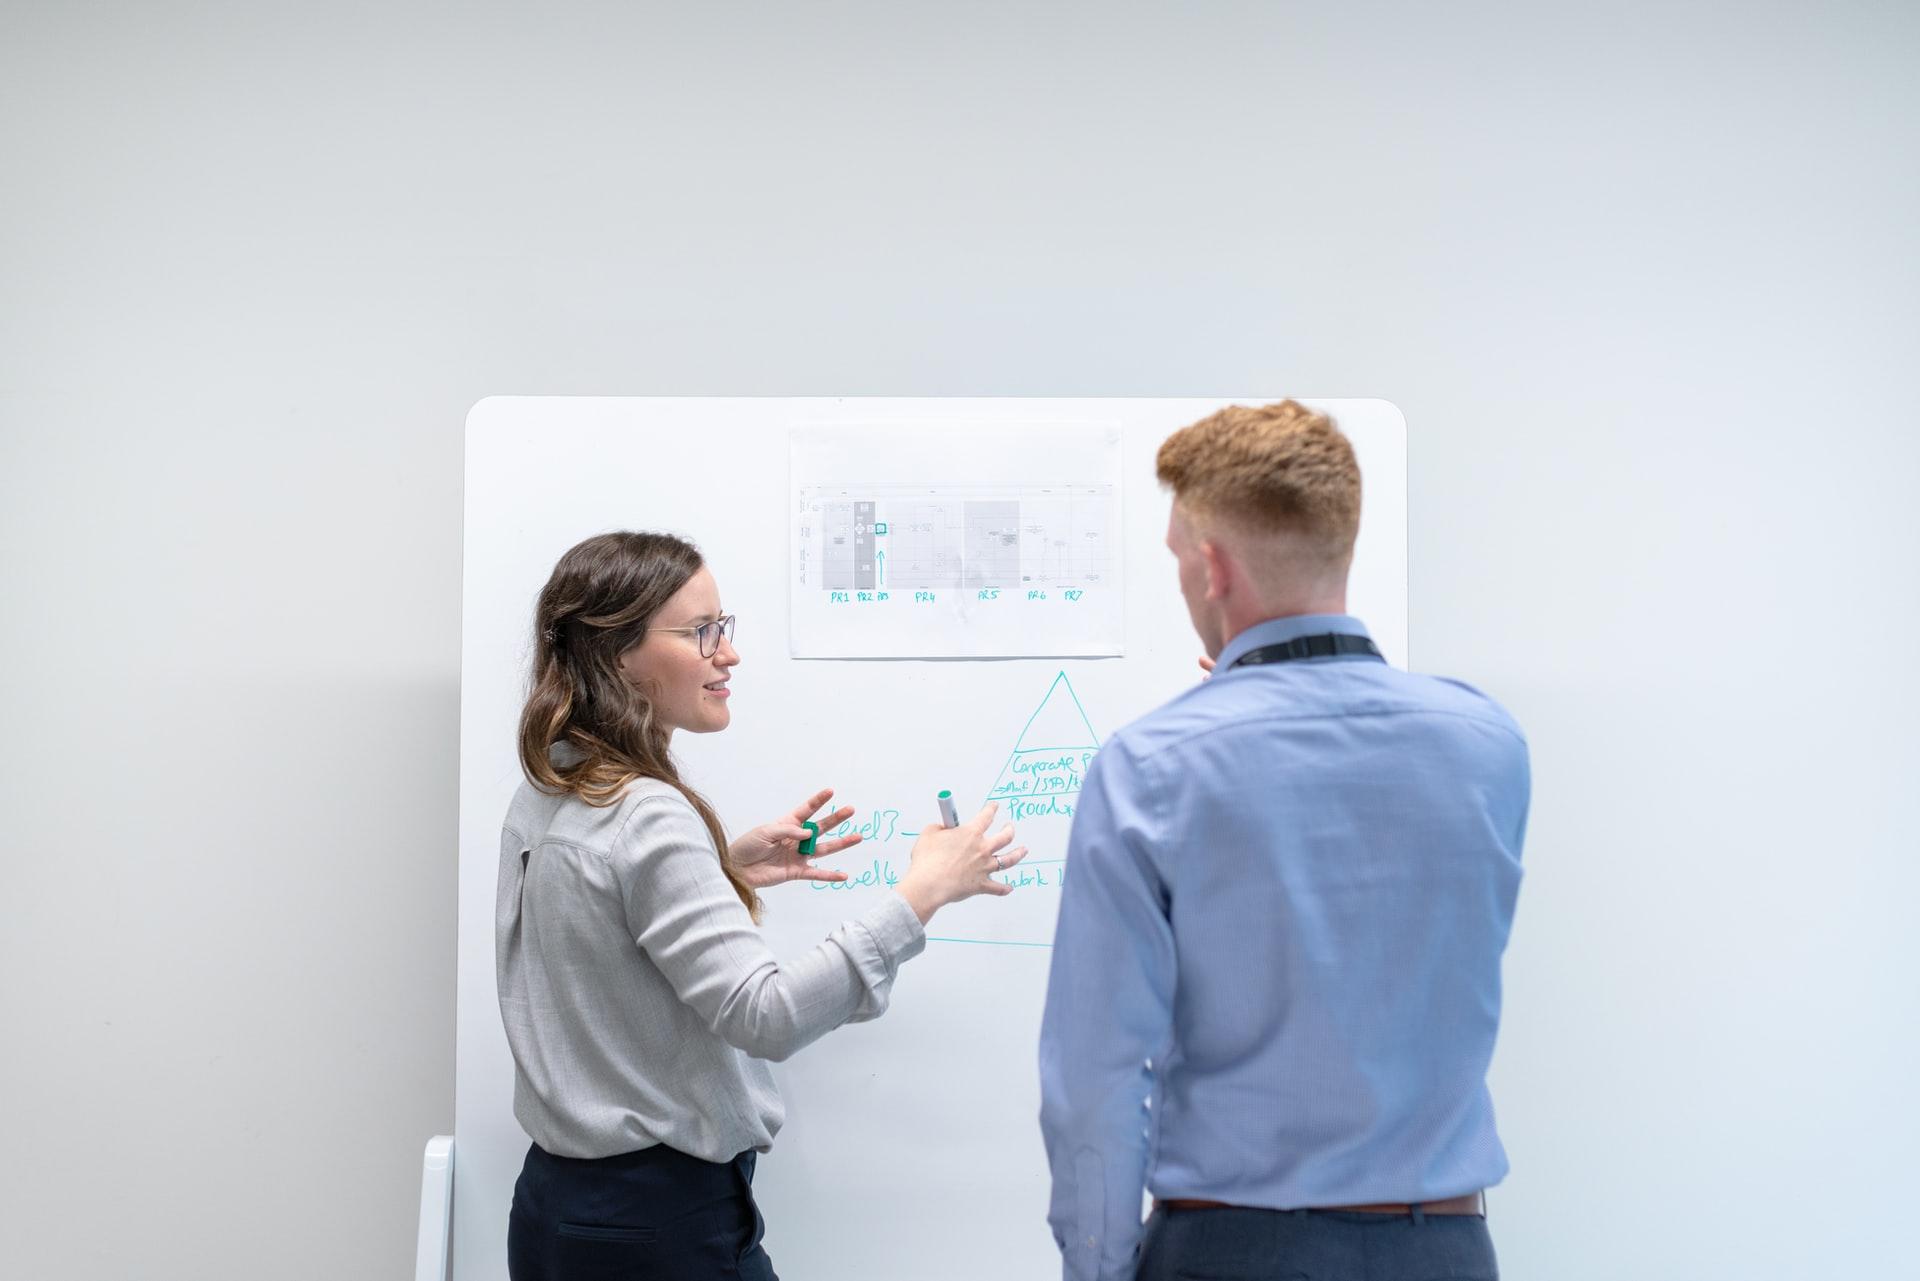 Consulenti specializzati che preparano un corso di formazione IT